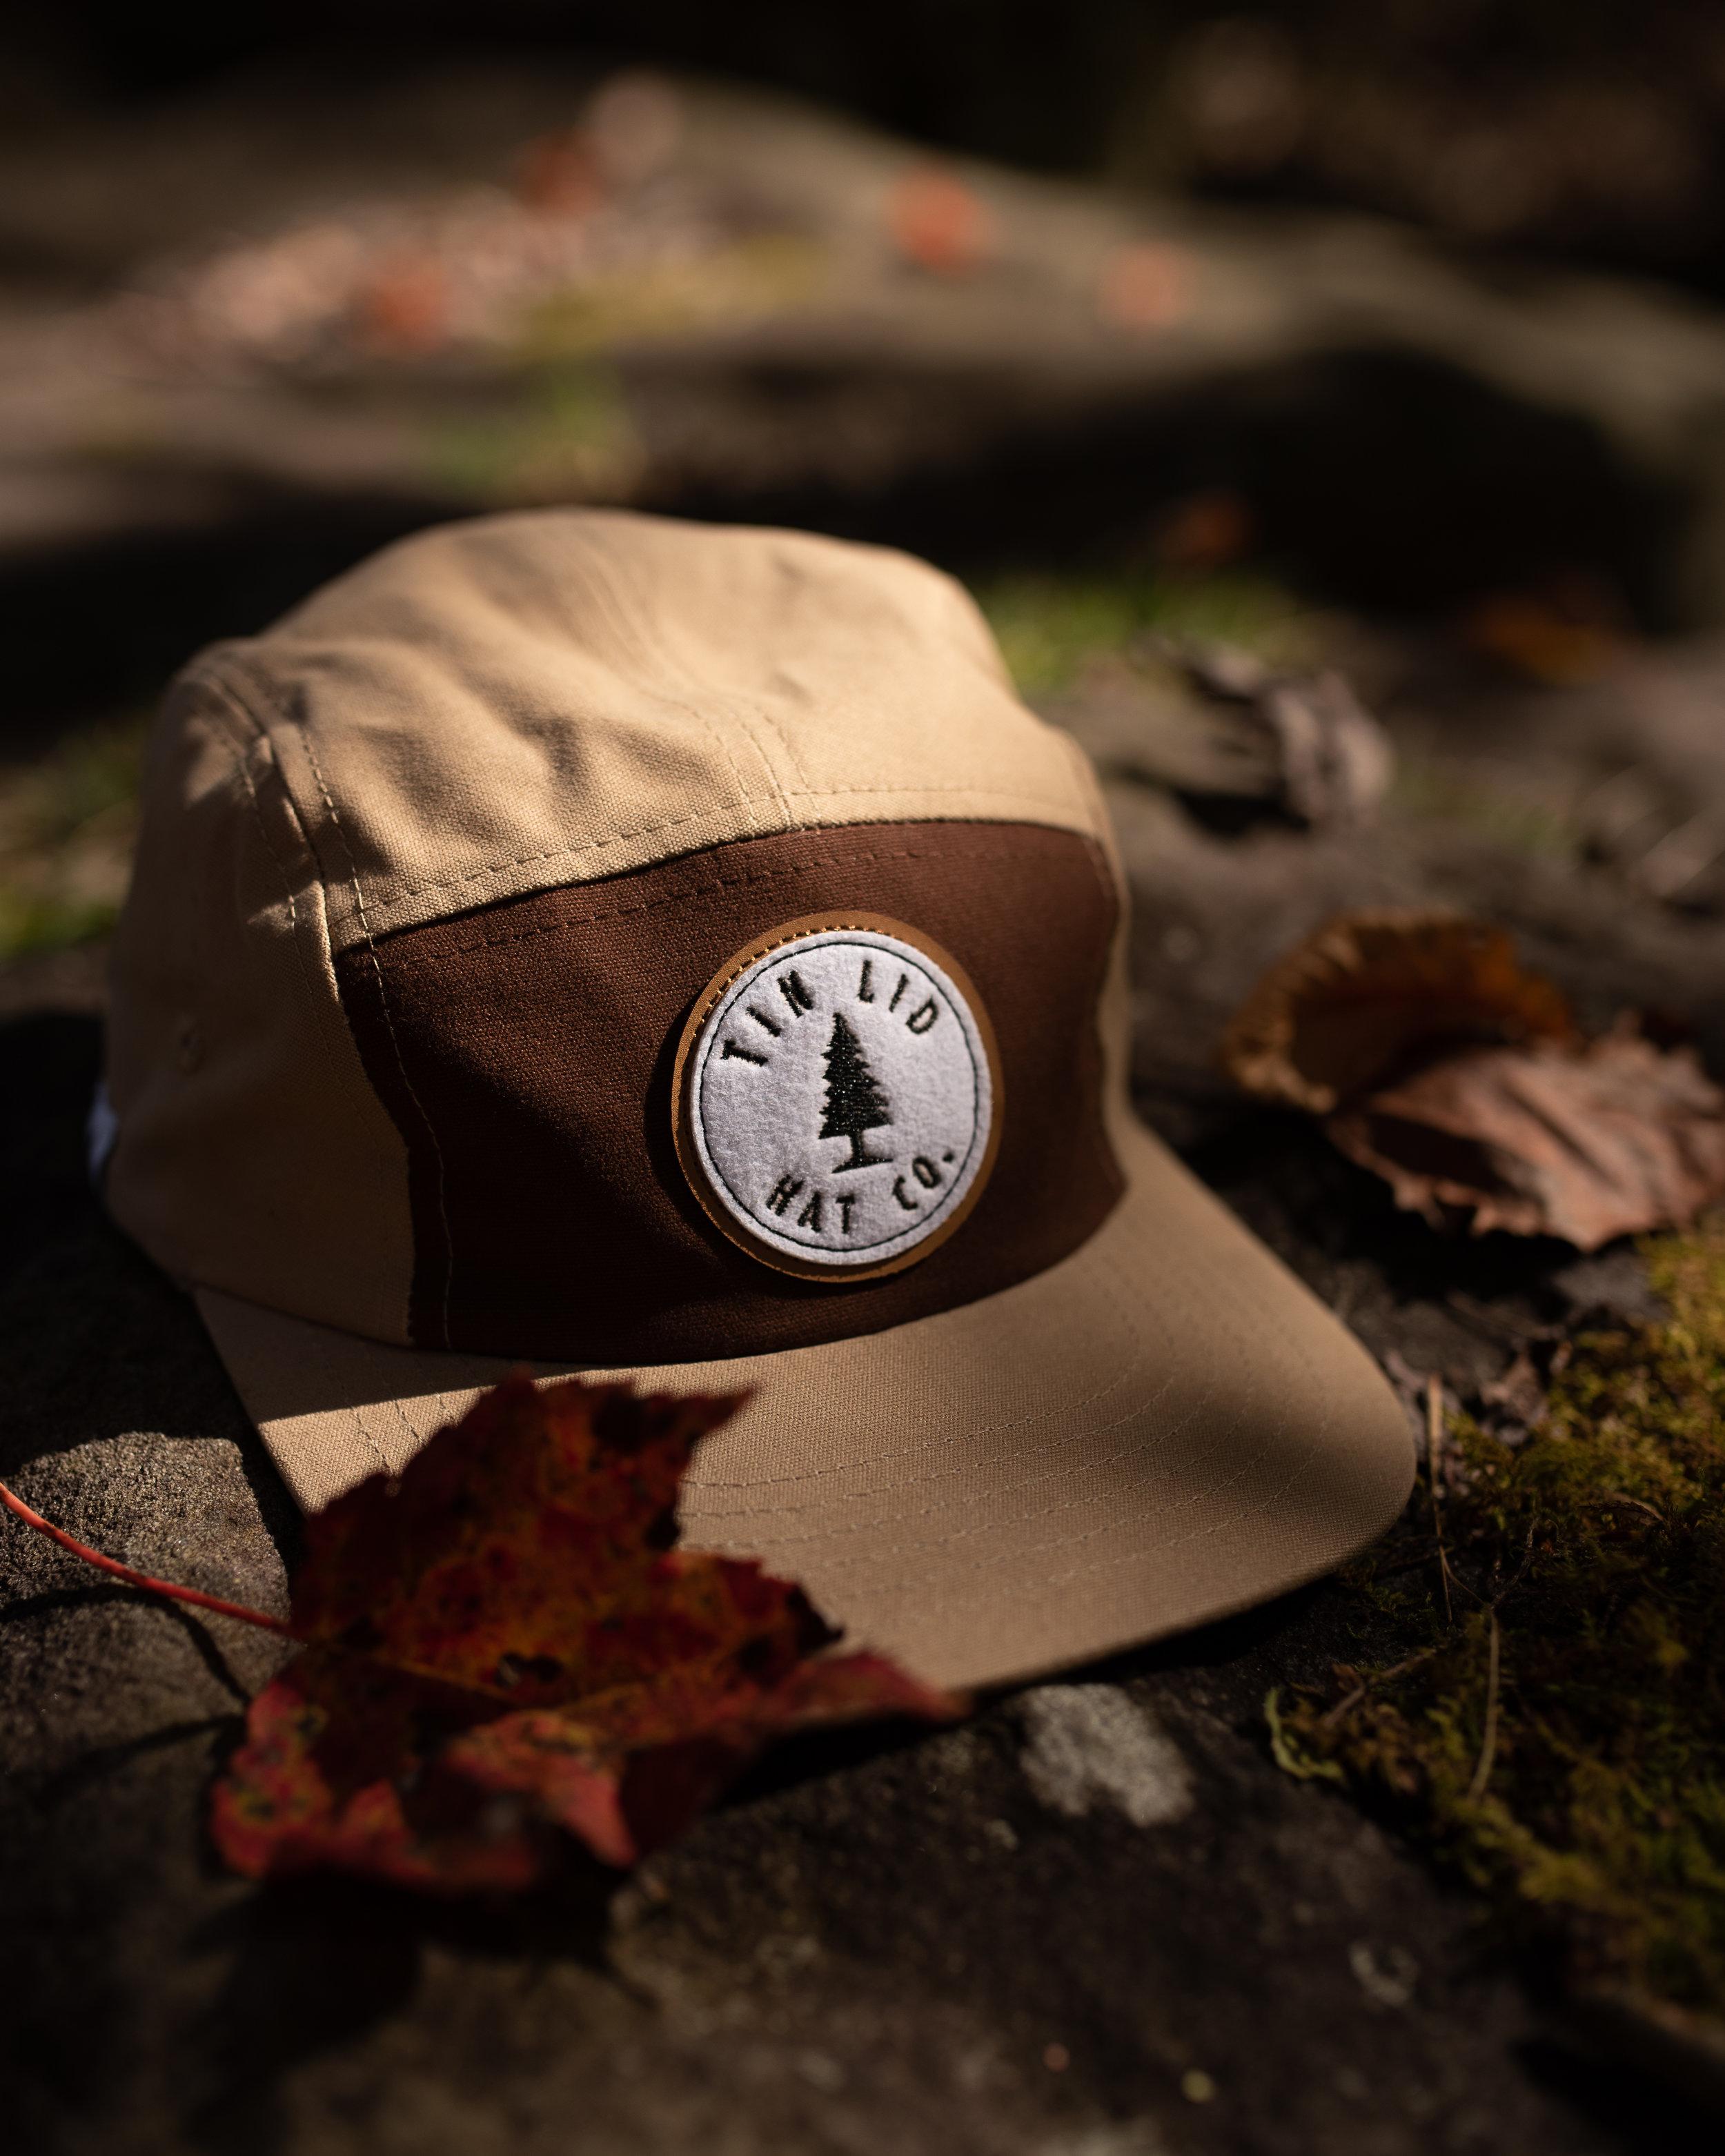 Tinlid Hat Co.